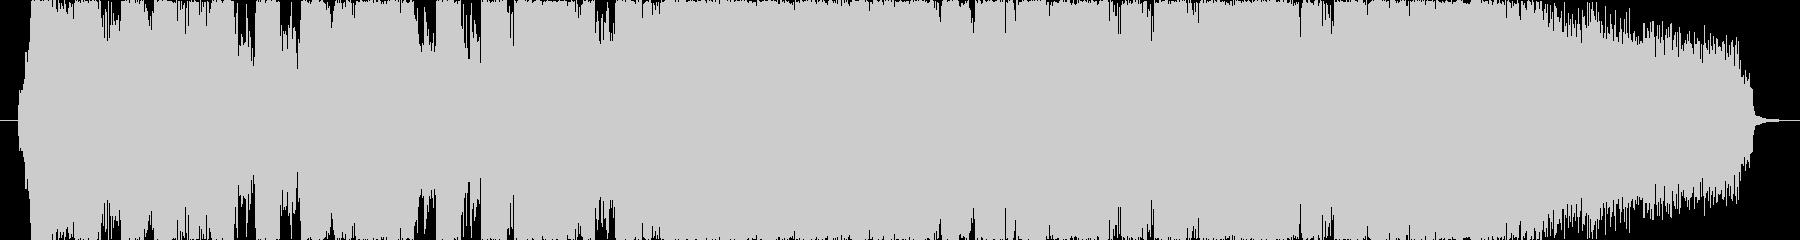 インパクトある30秒のバンドサウンドですの未再生の波形